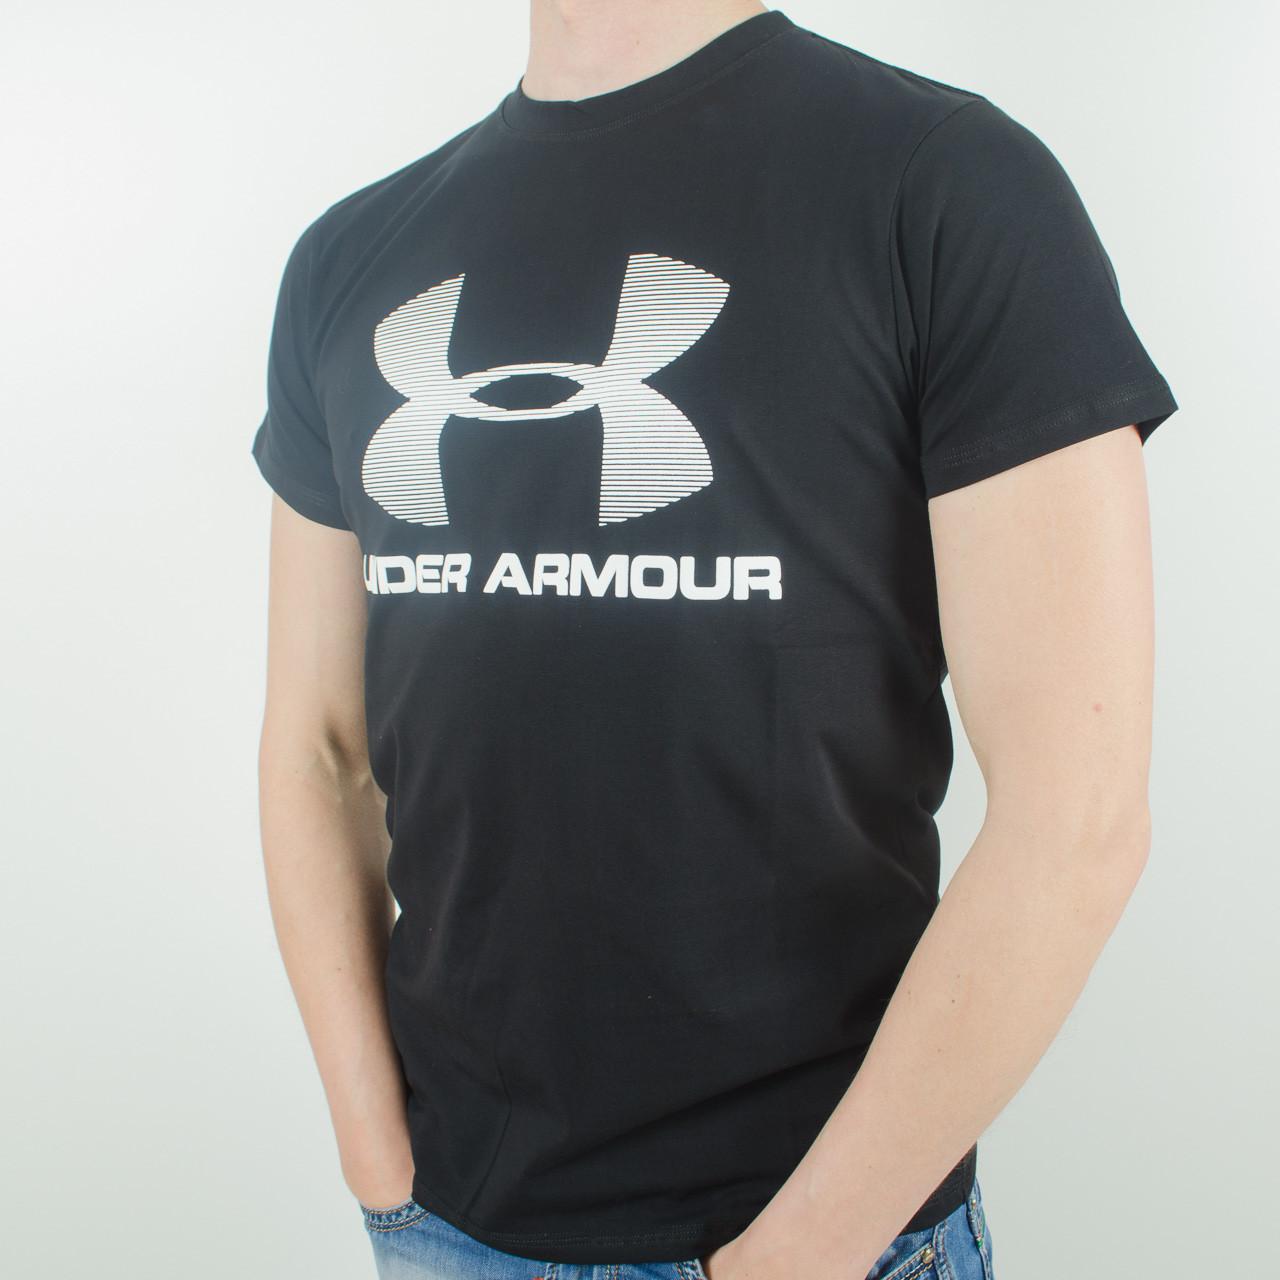 Футболка с логотипом, Under Armour (Черный)